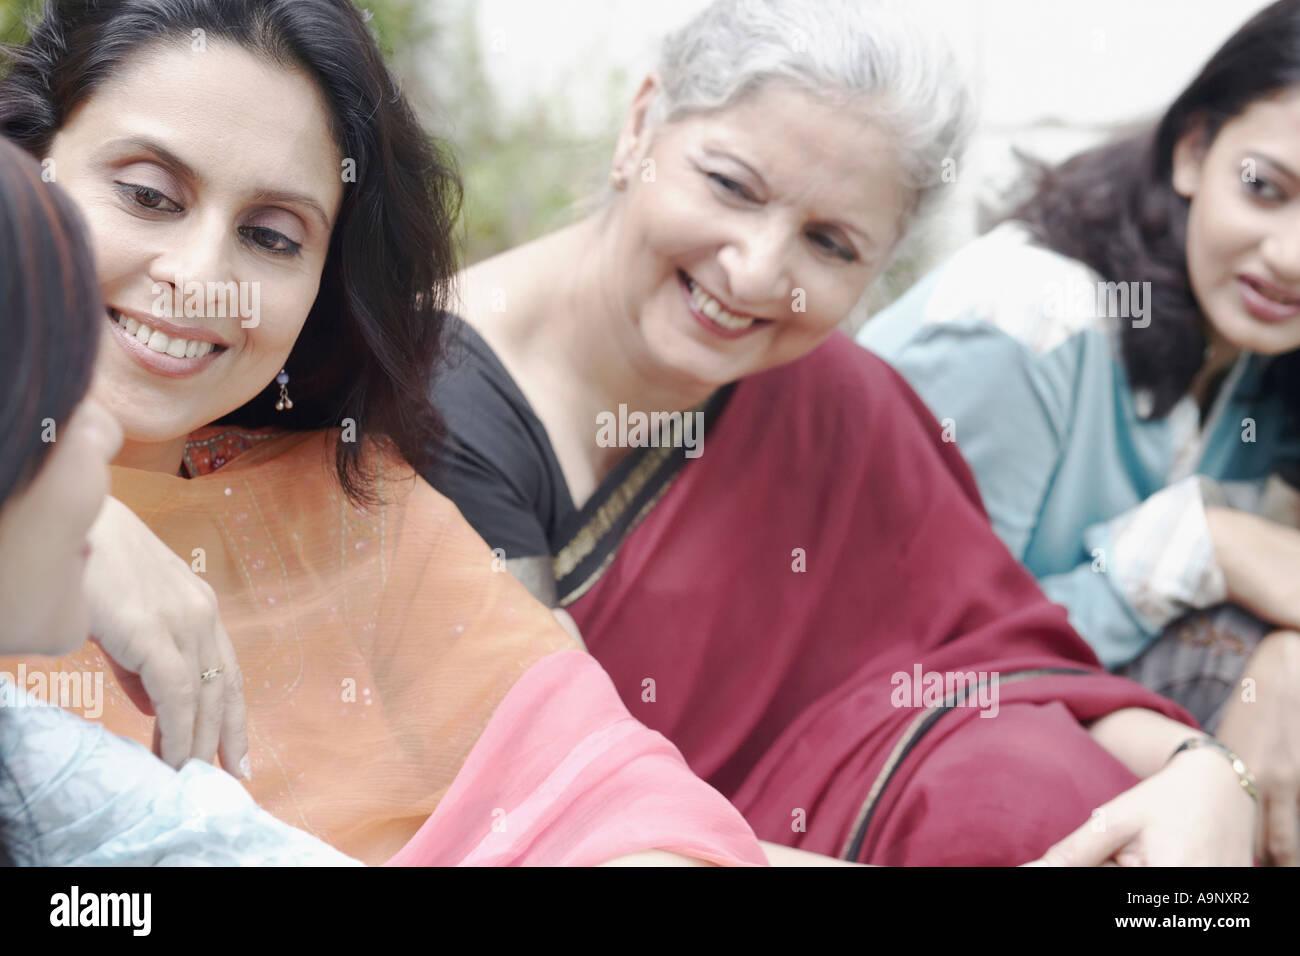 Vier Frauen sitzen gemeinsam Lächeln Stockbild